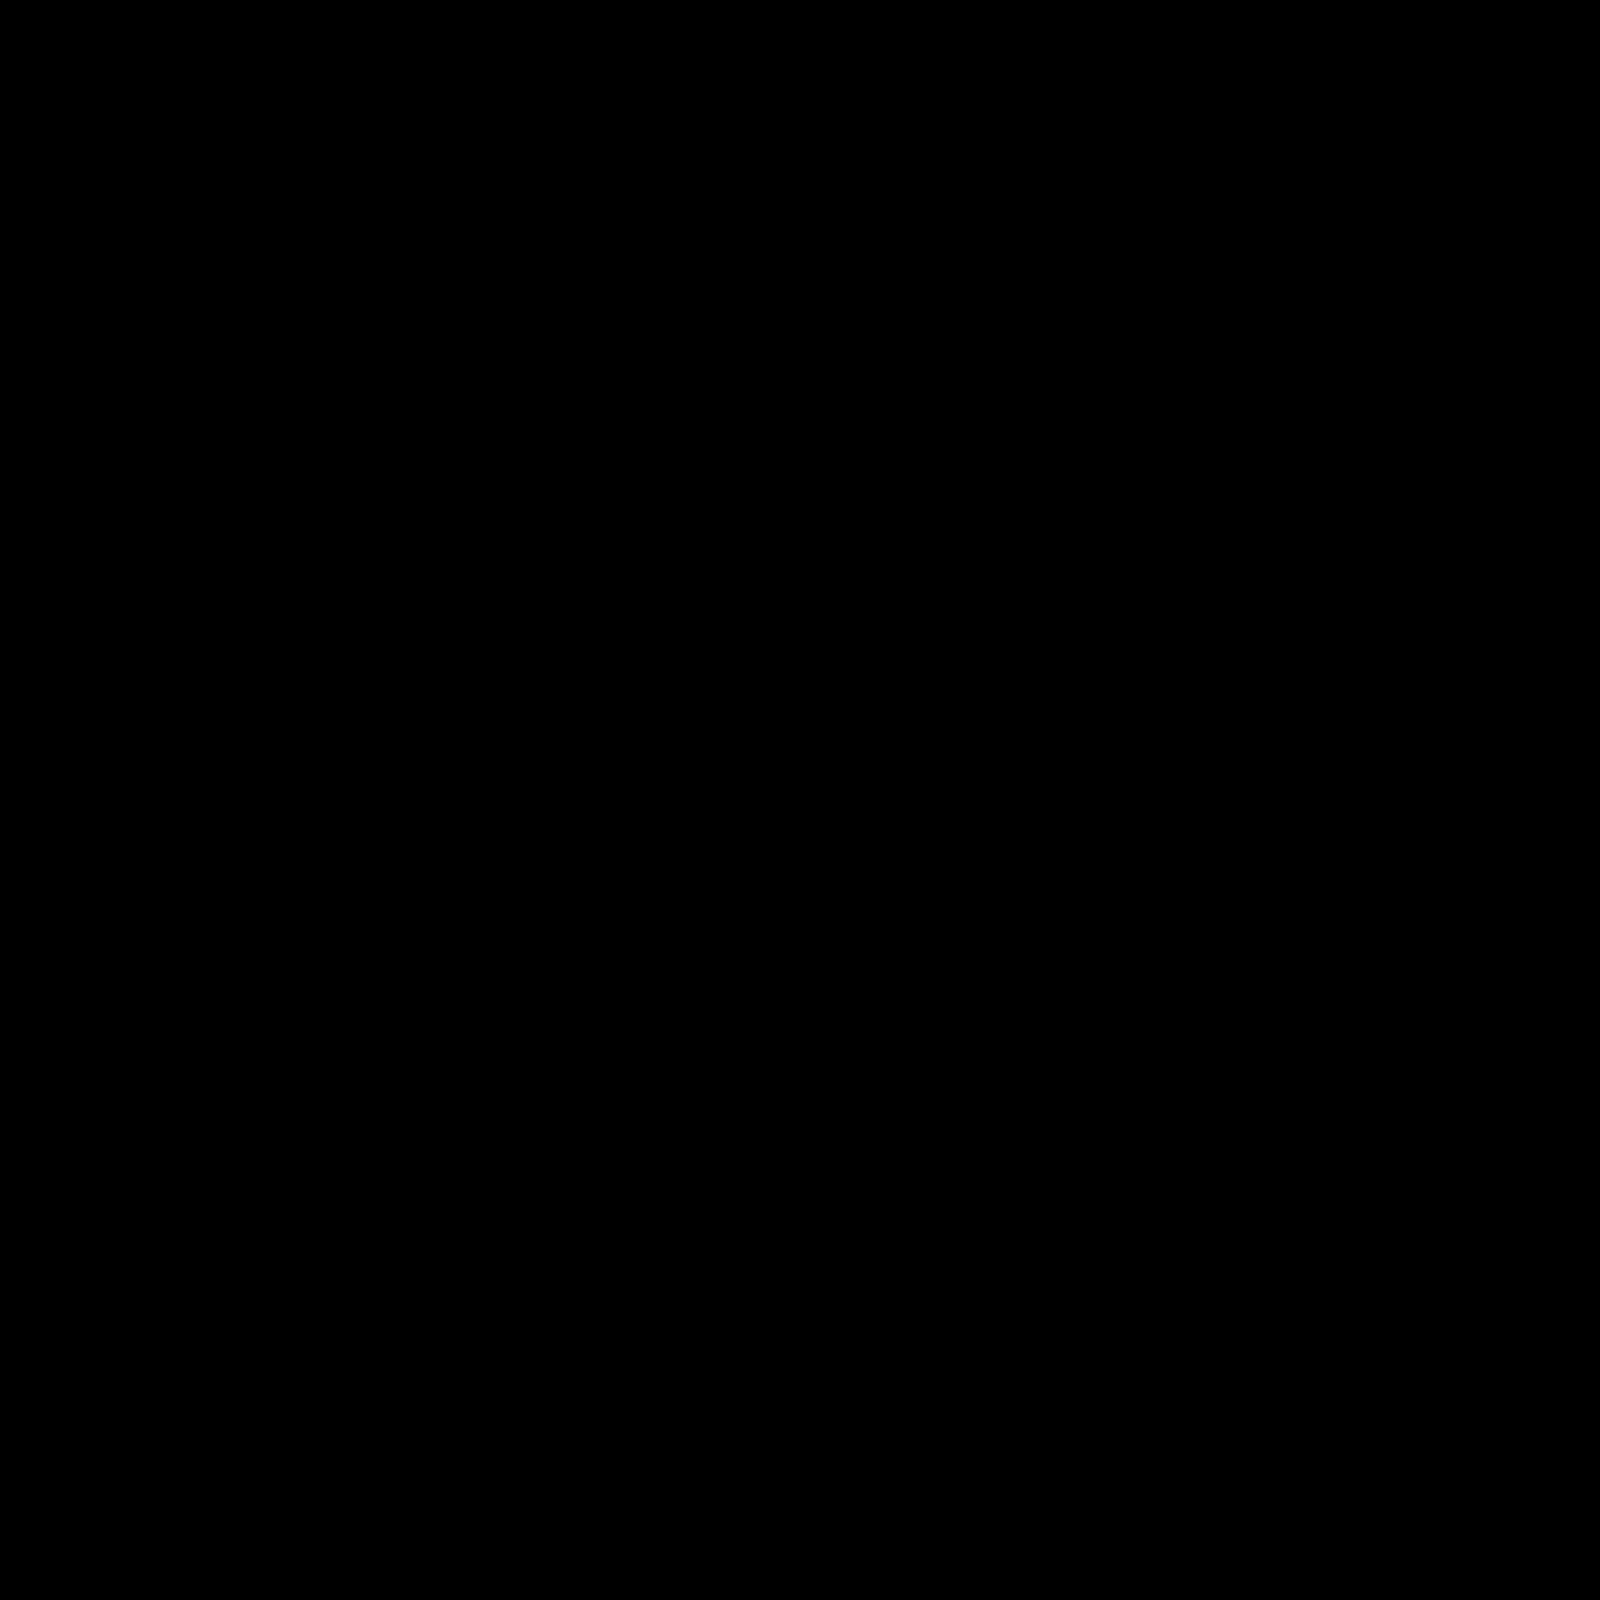 СМС icon